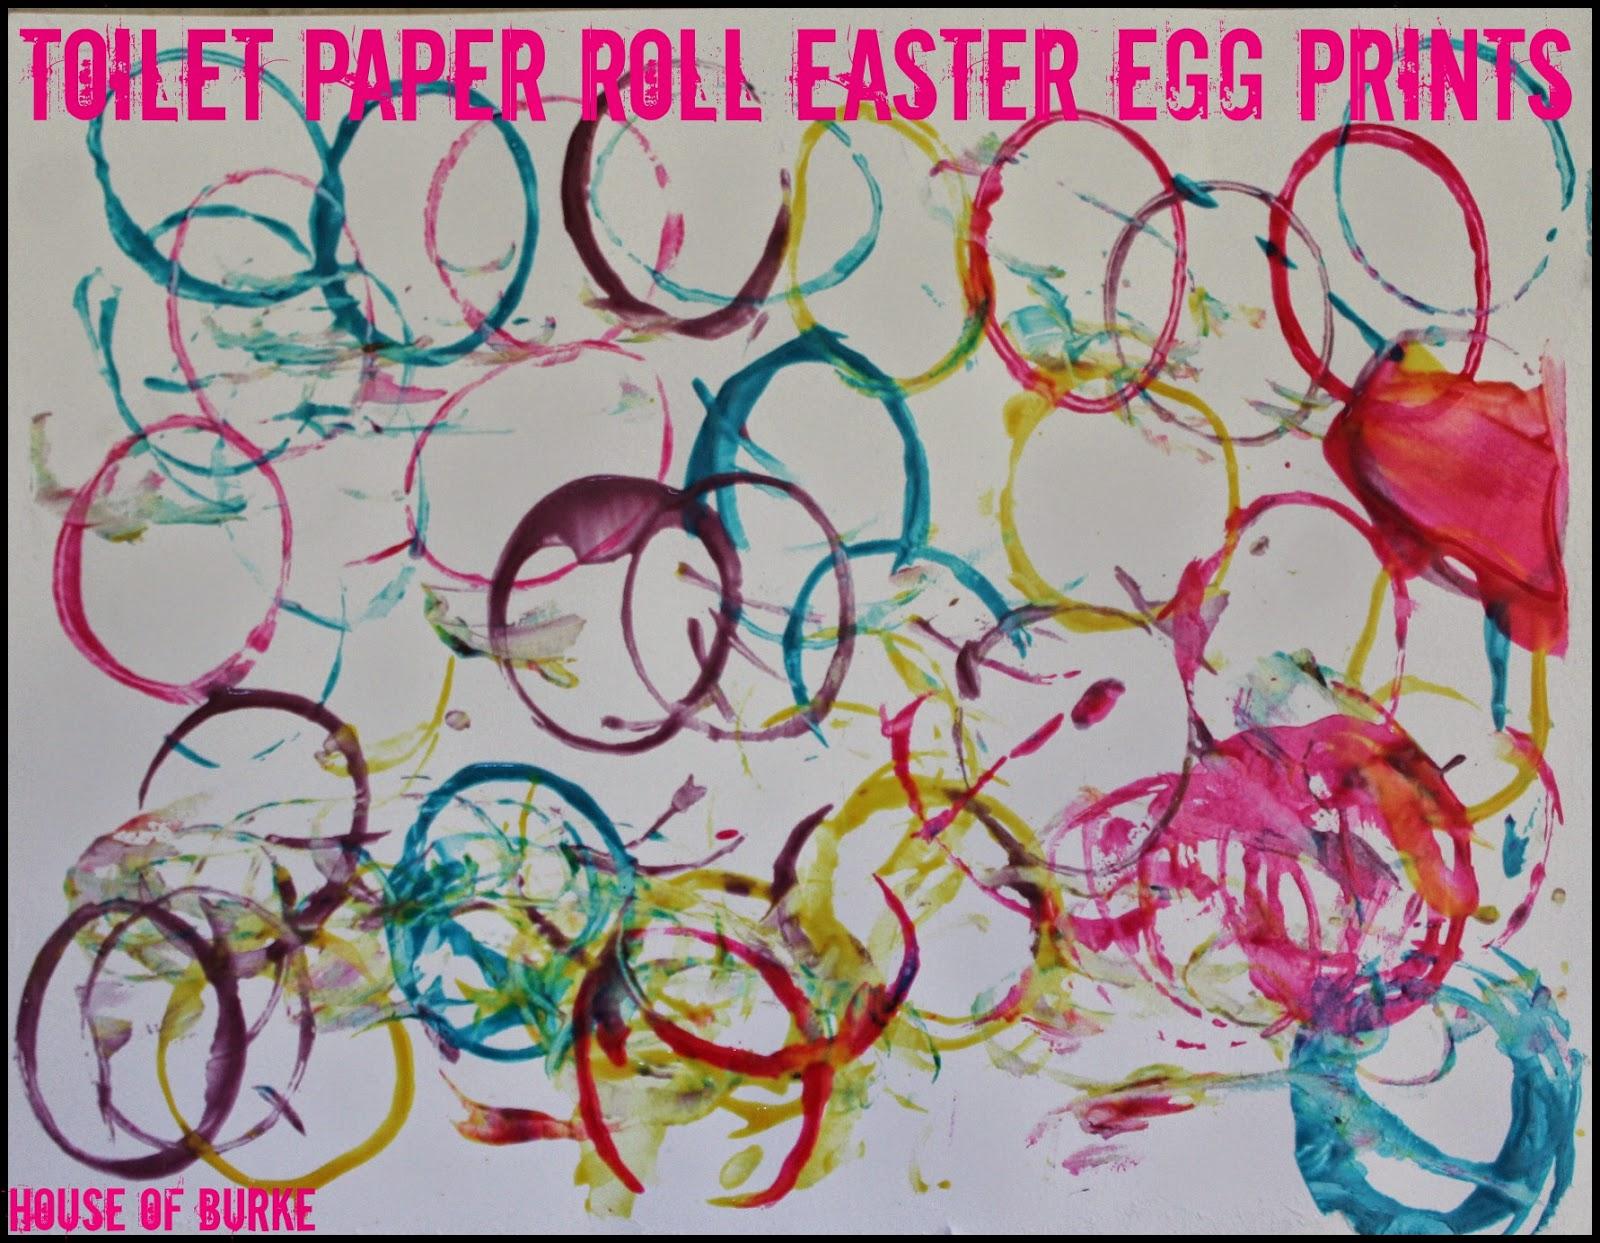 house of burke toilet paper roll easter egg prints